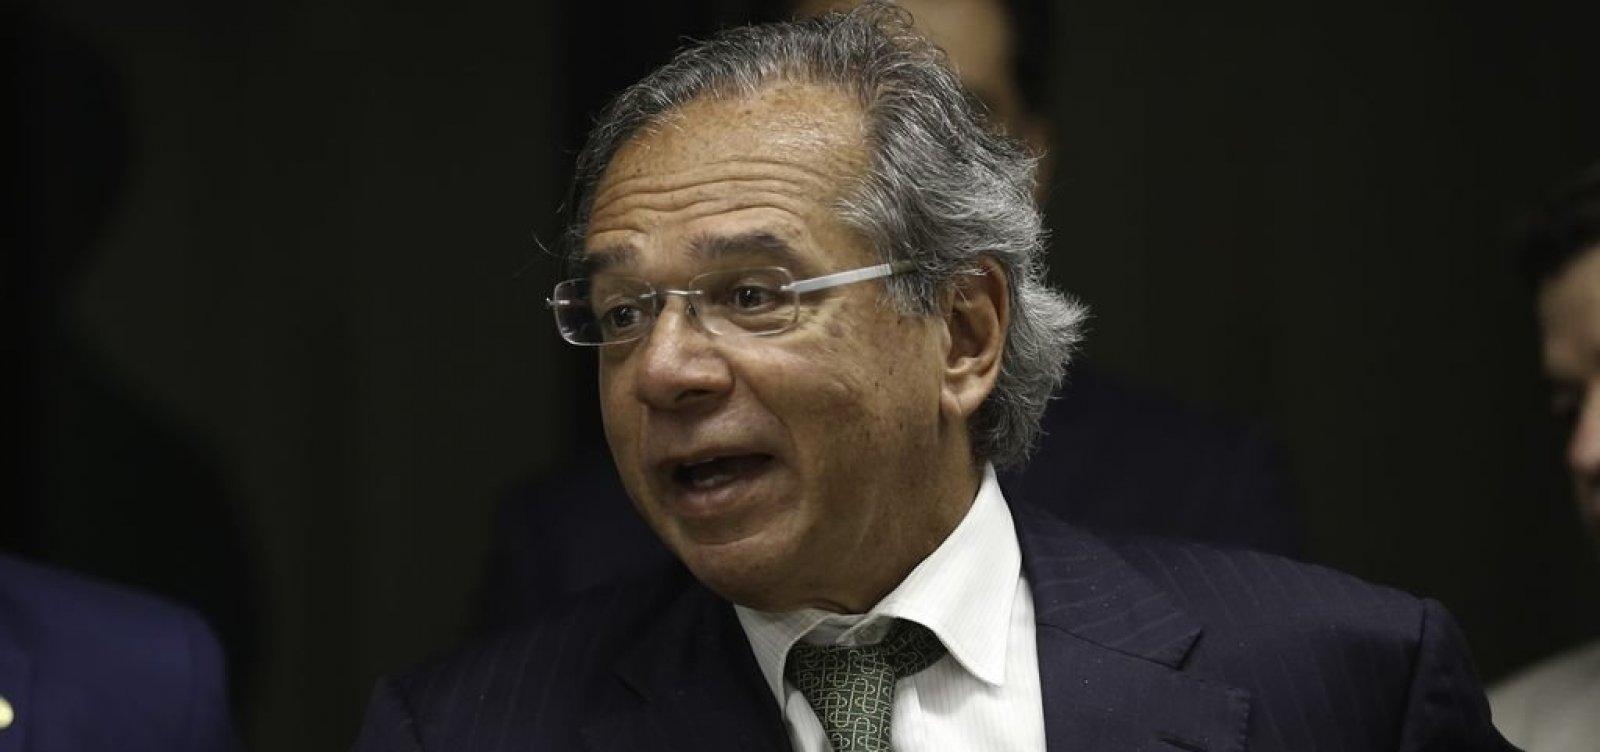 [Mercado de crédito foi 'estatizado' e sofreu 'intervenções danosas' de governos anteriores, diz Guedes]